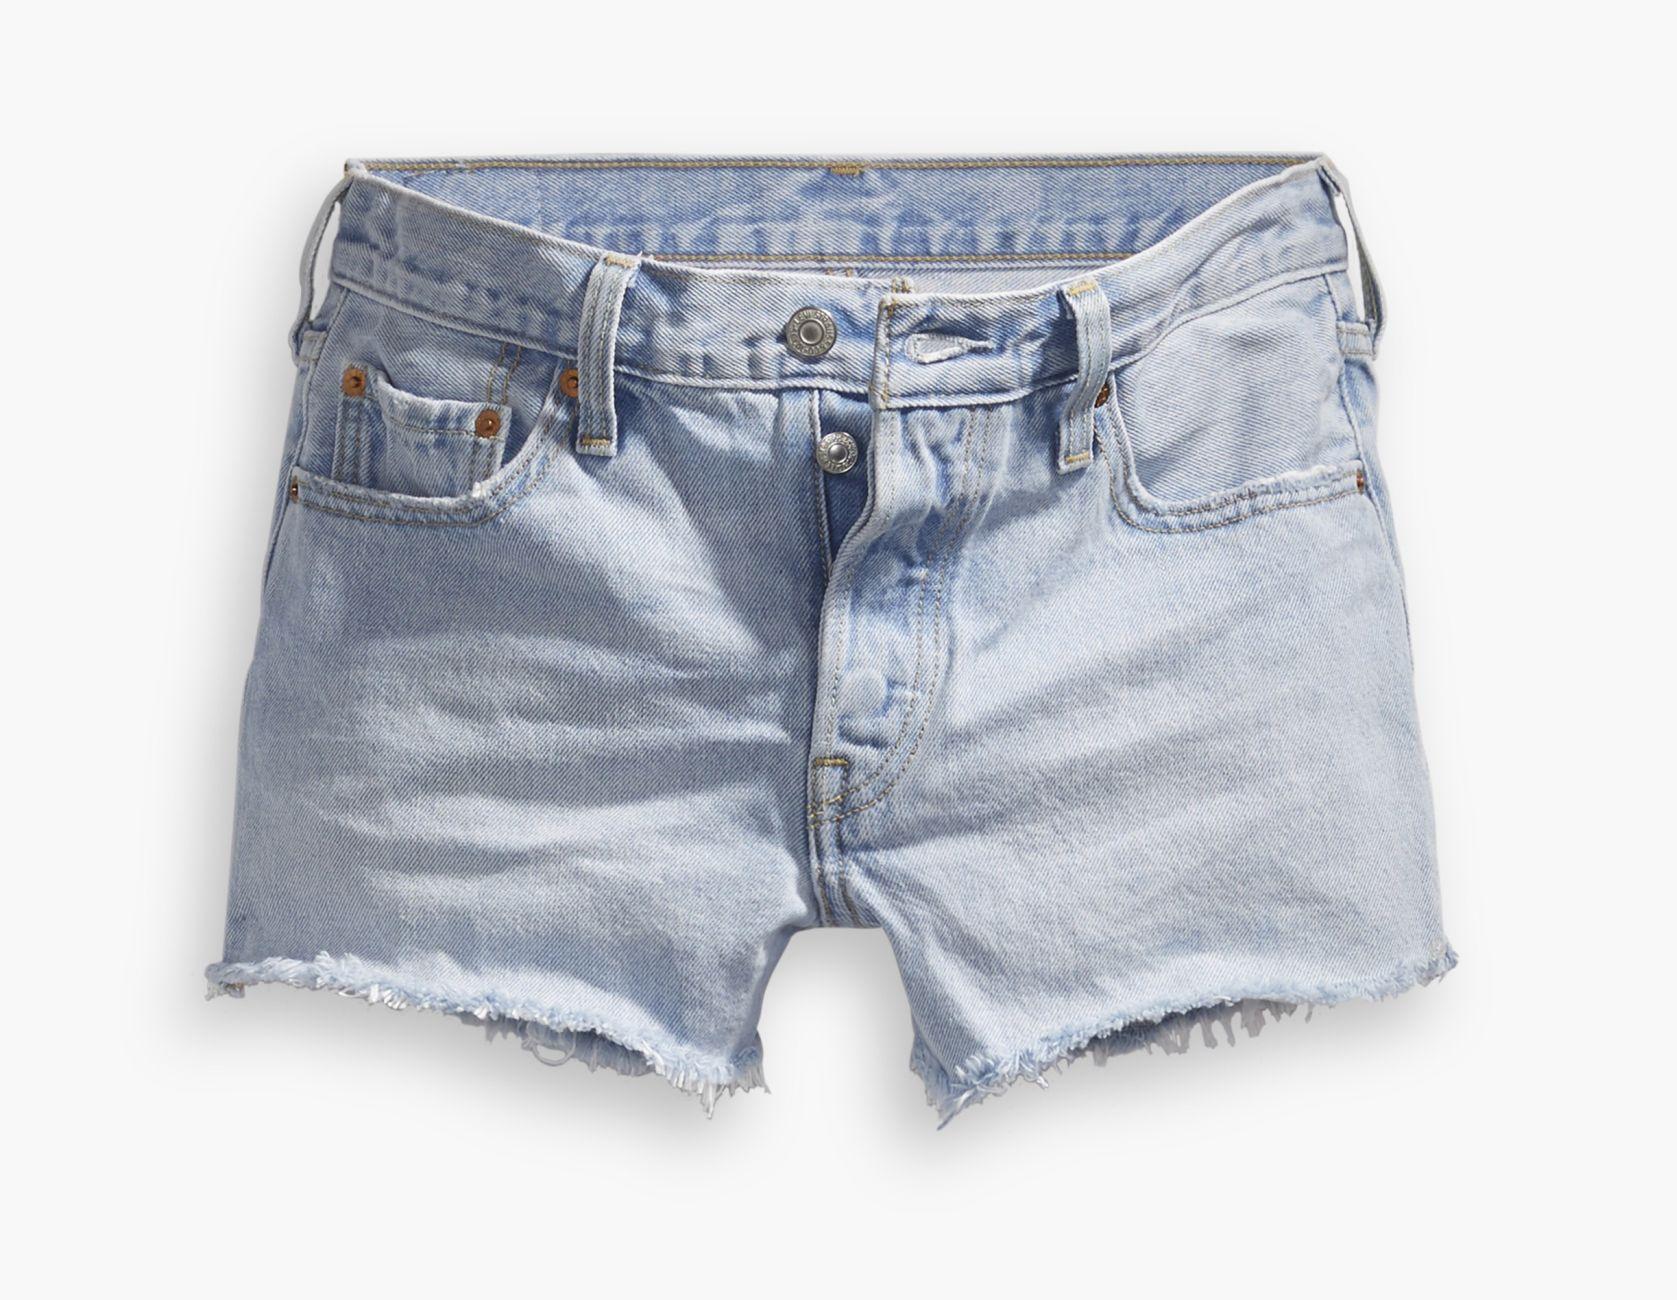 fba246d705d67d Shorts, kurze Hosen | fashioncore.de